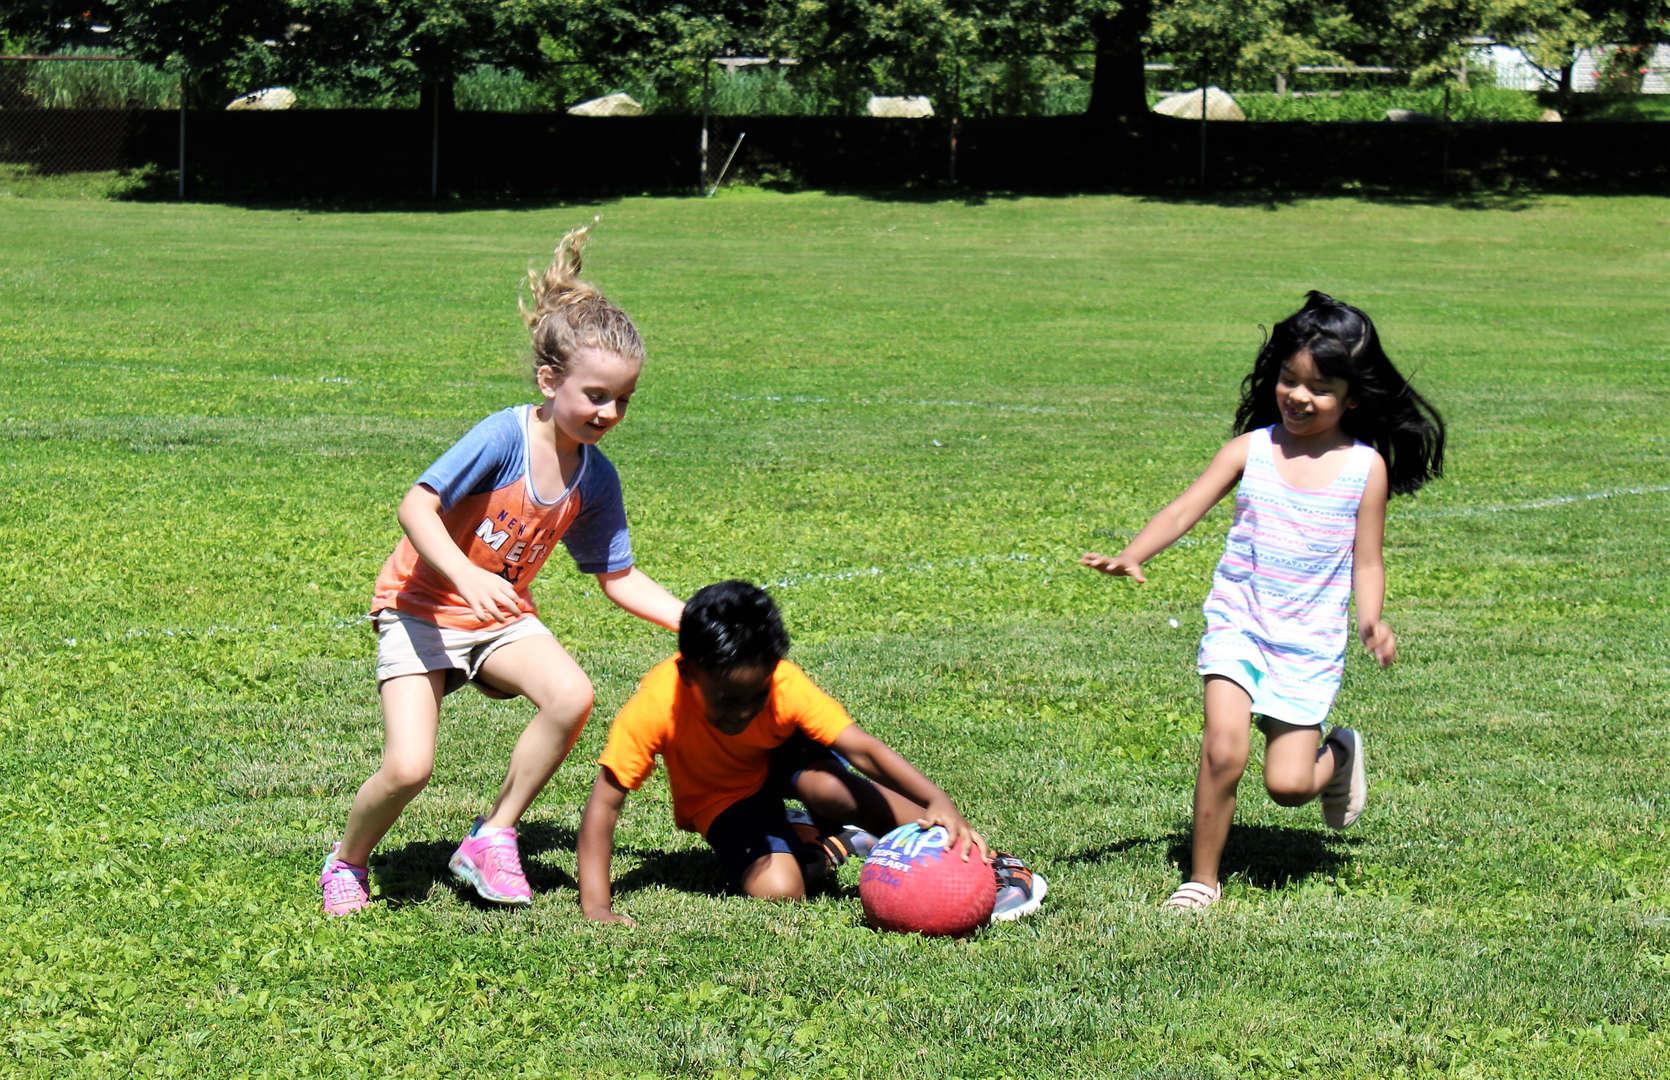 Children running after a ball.